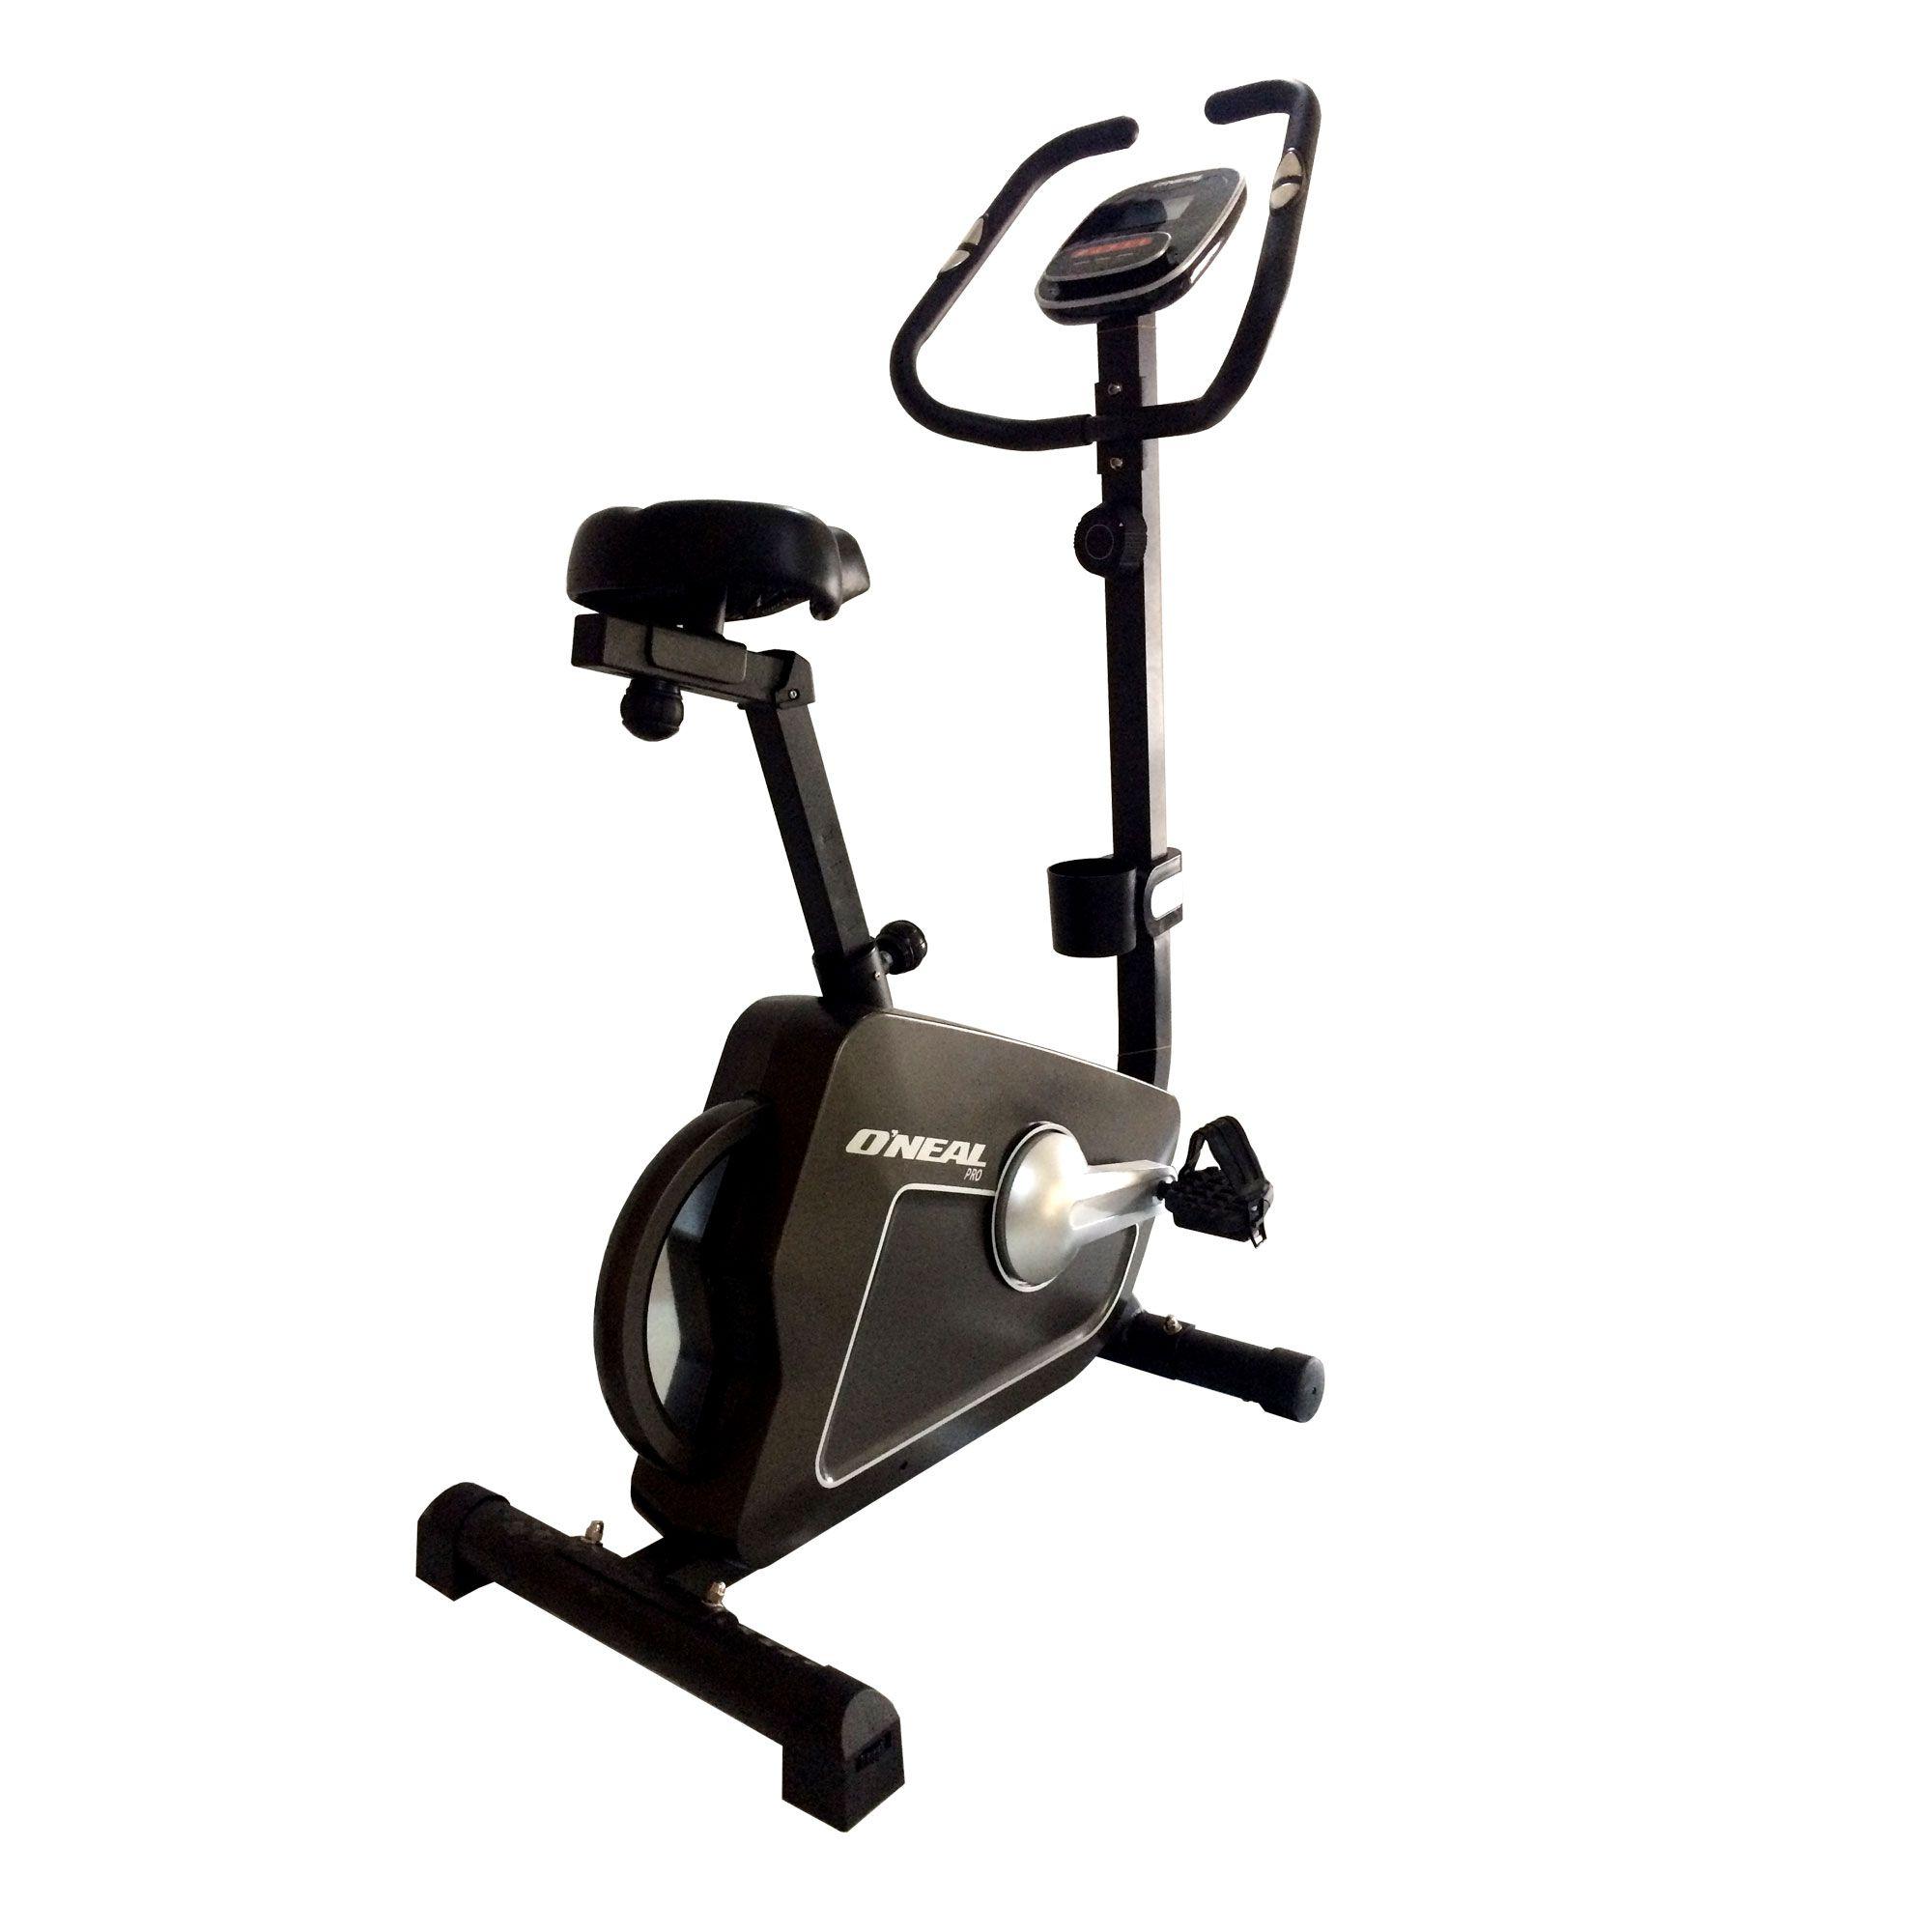 Bicicleta ergometrica vertical semi-profissional 130kg tp710 oneal